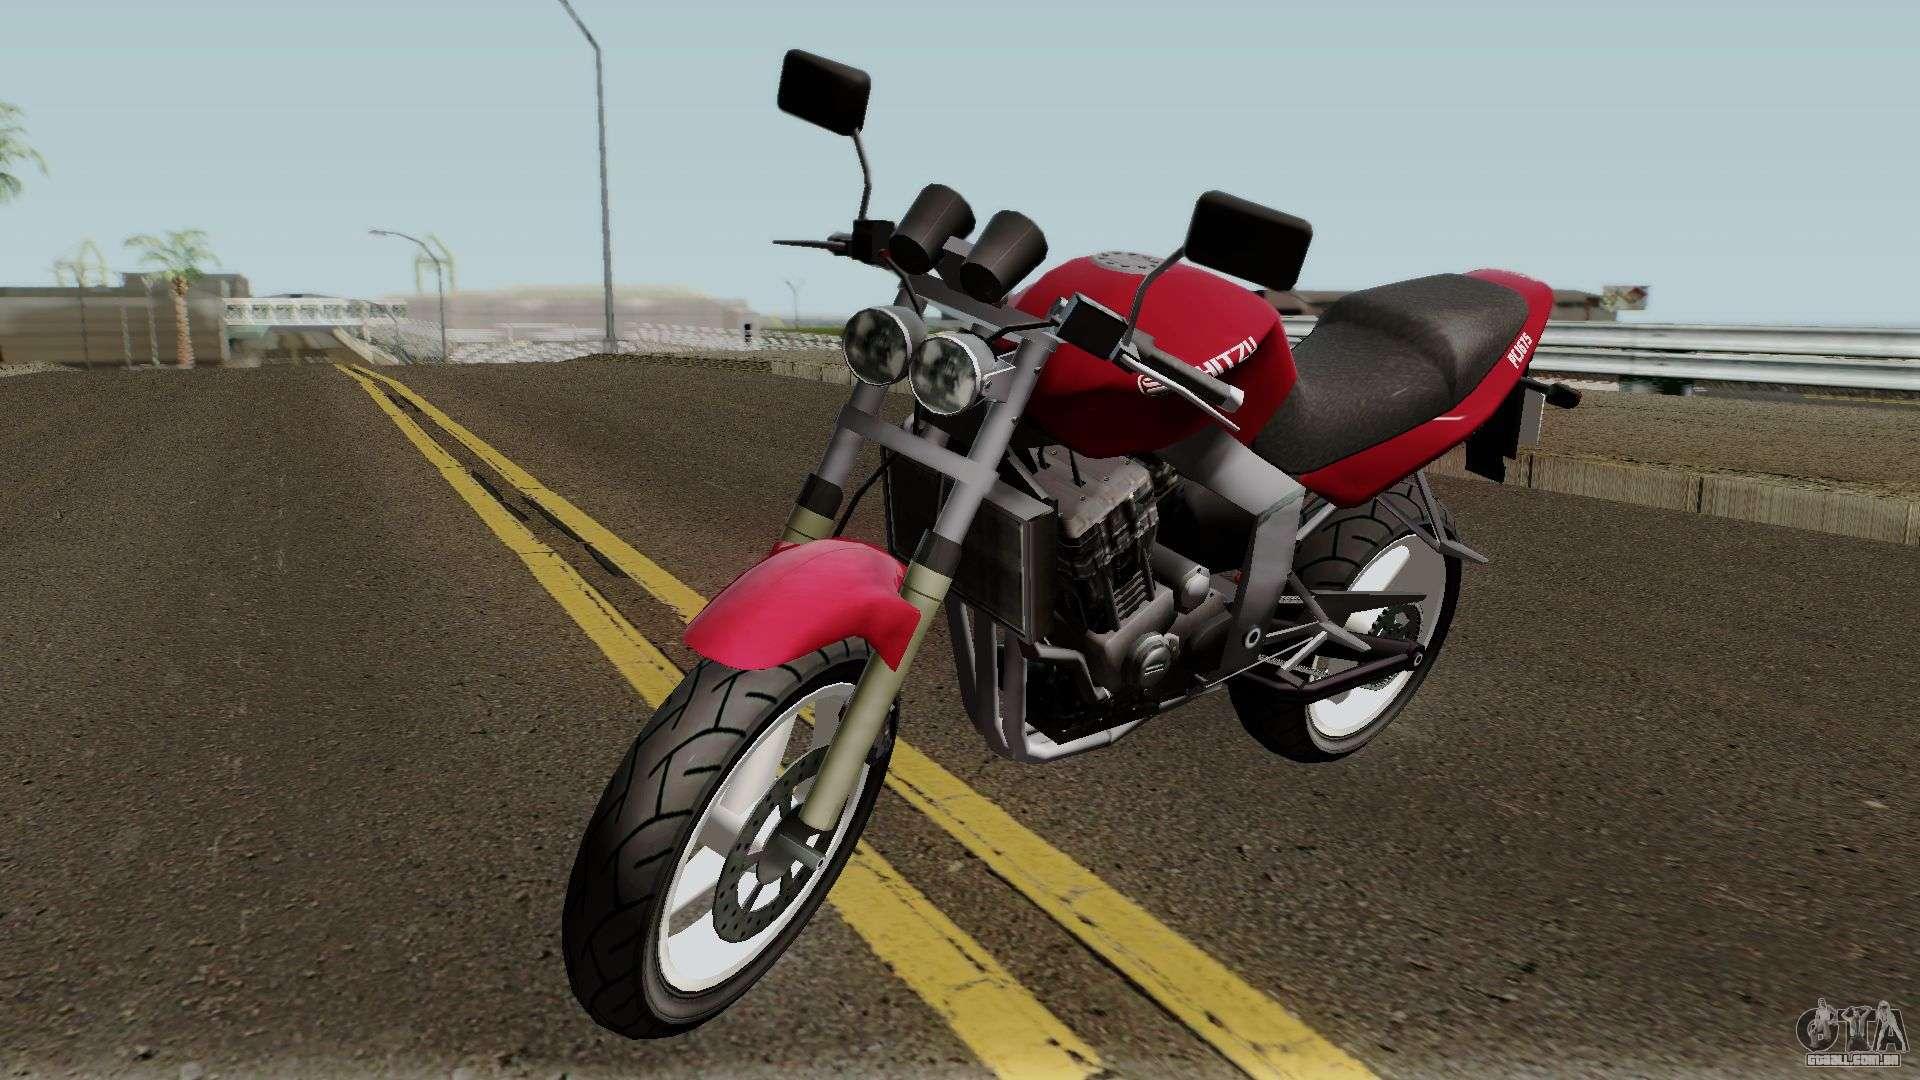 06eb68602c05 Moto - GTA V - GTA-Expert. Può essere acquistato al prezzo di ...